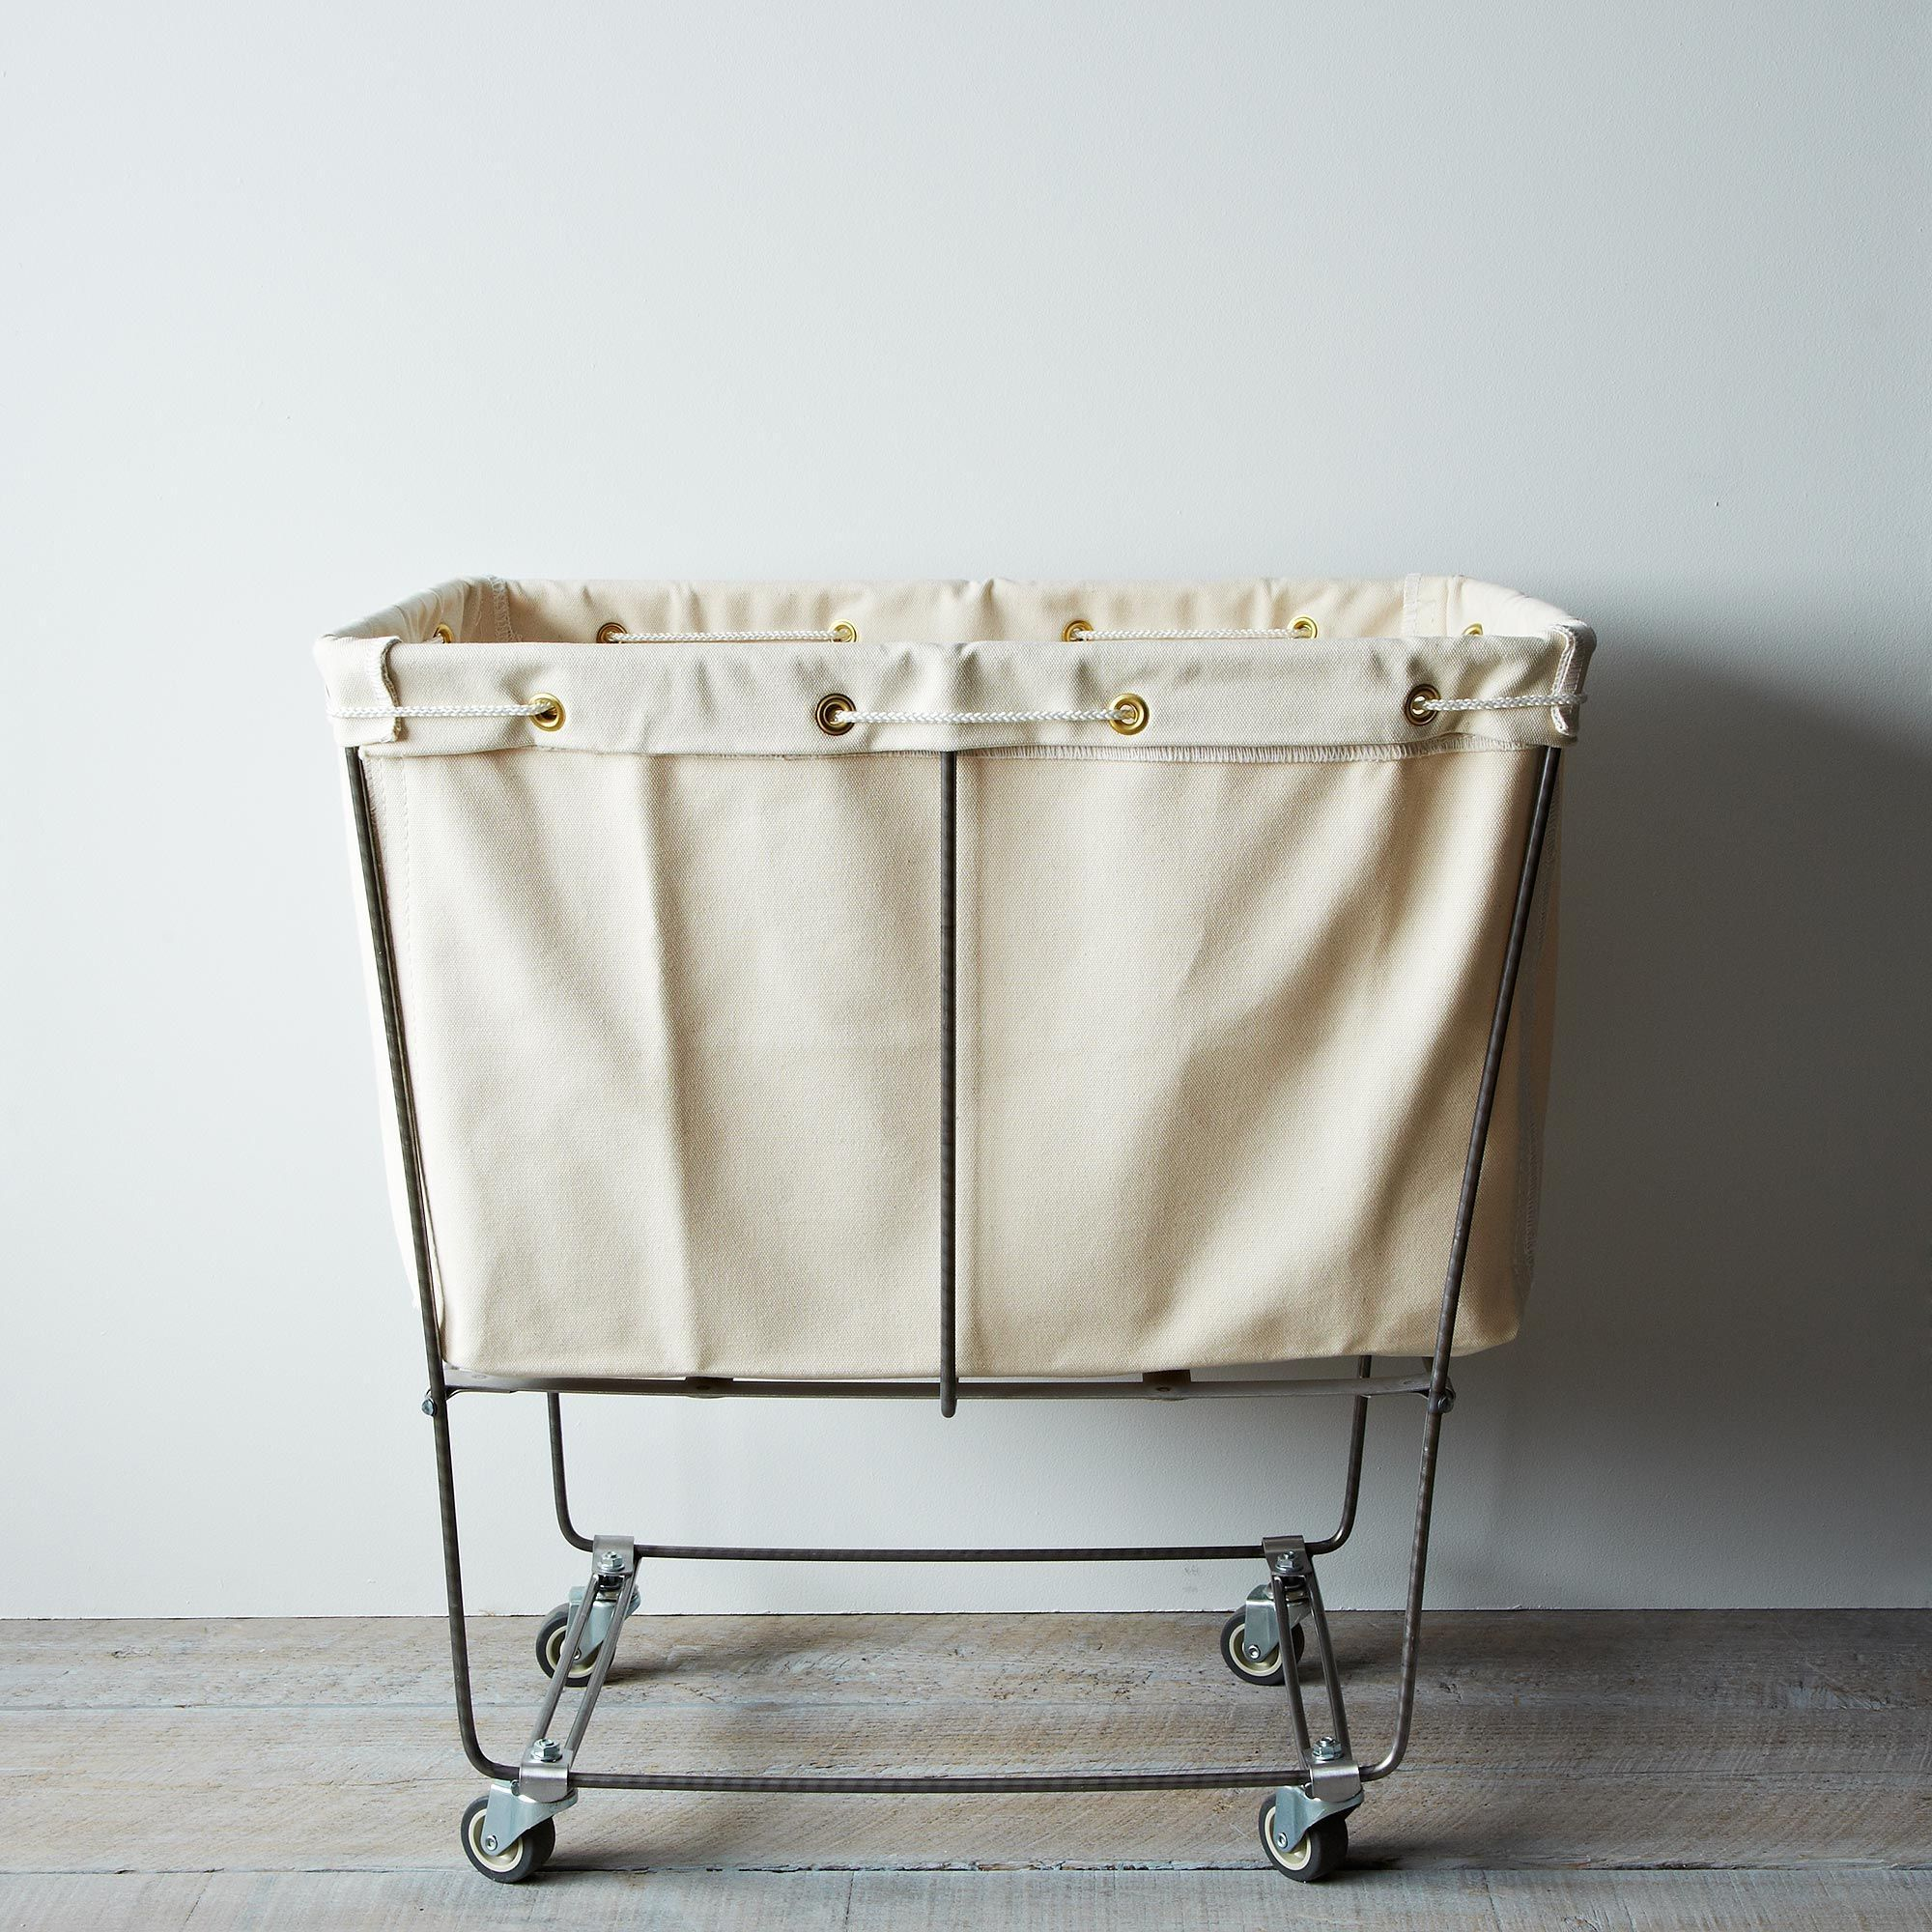 Elevated Laundry Basket Laundry Basket Storage Diy Laundry